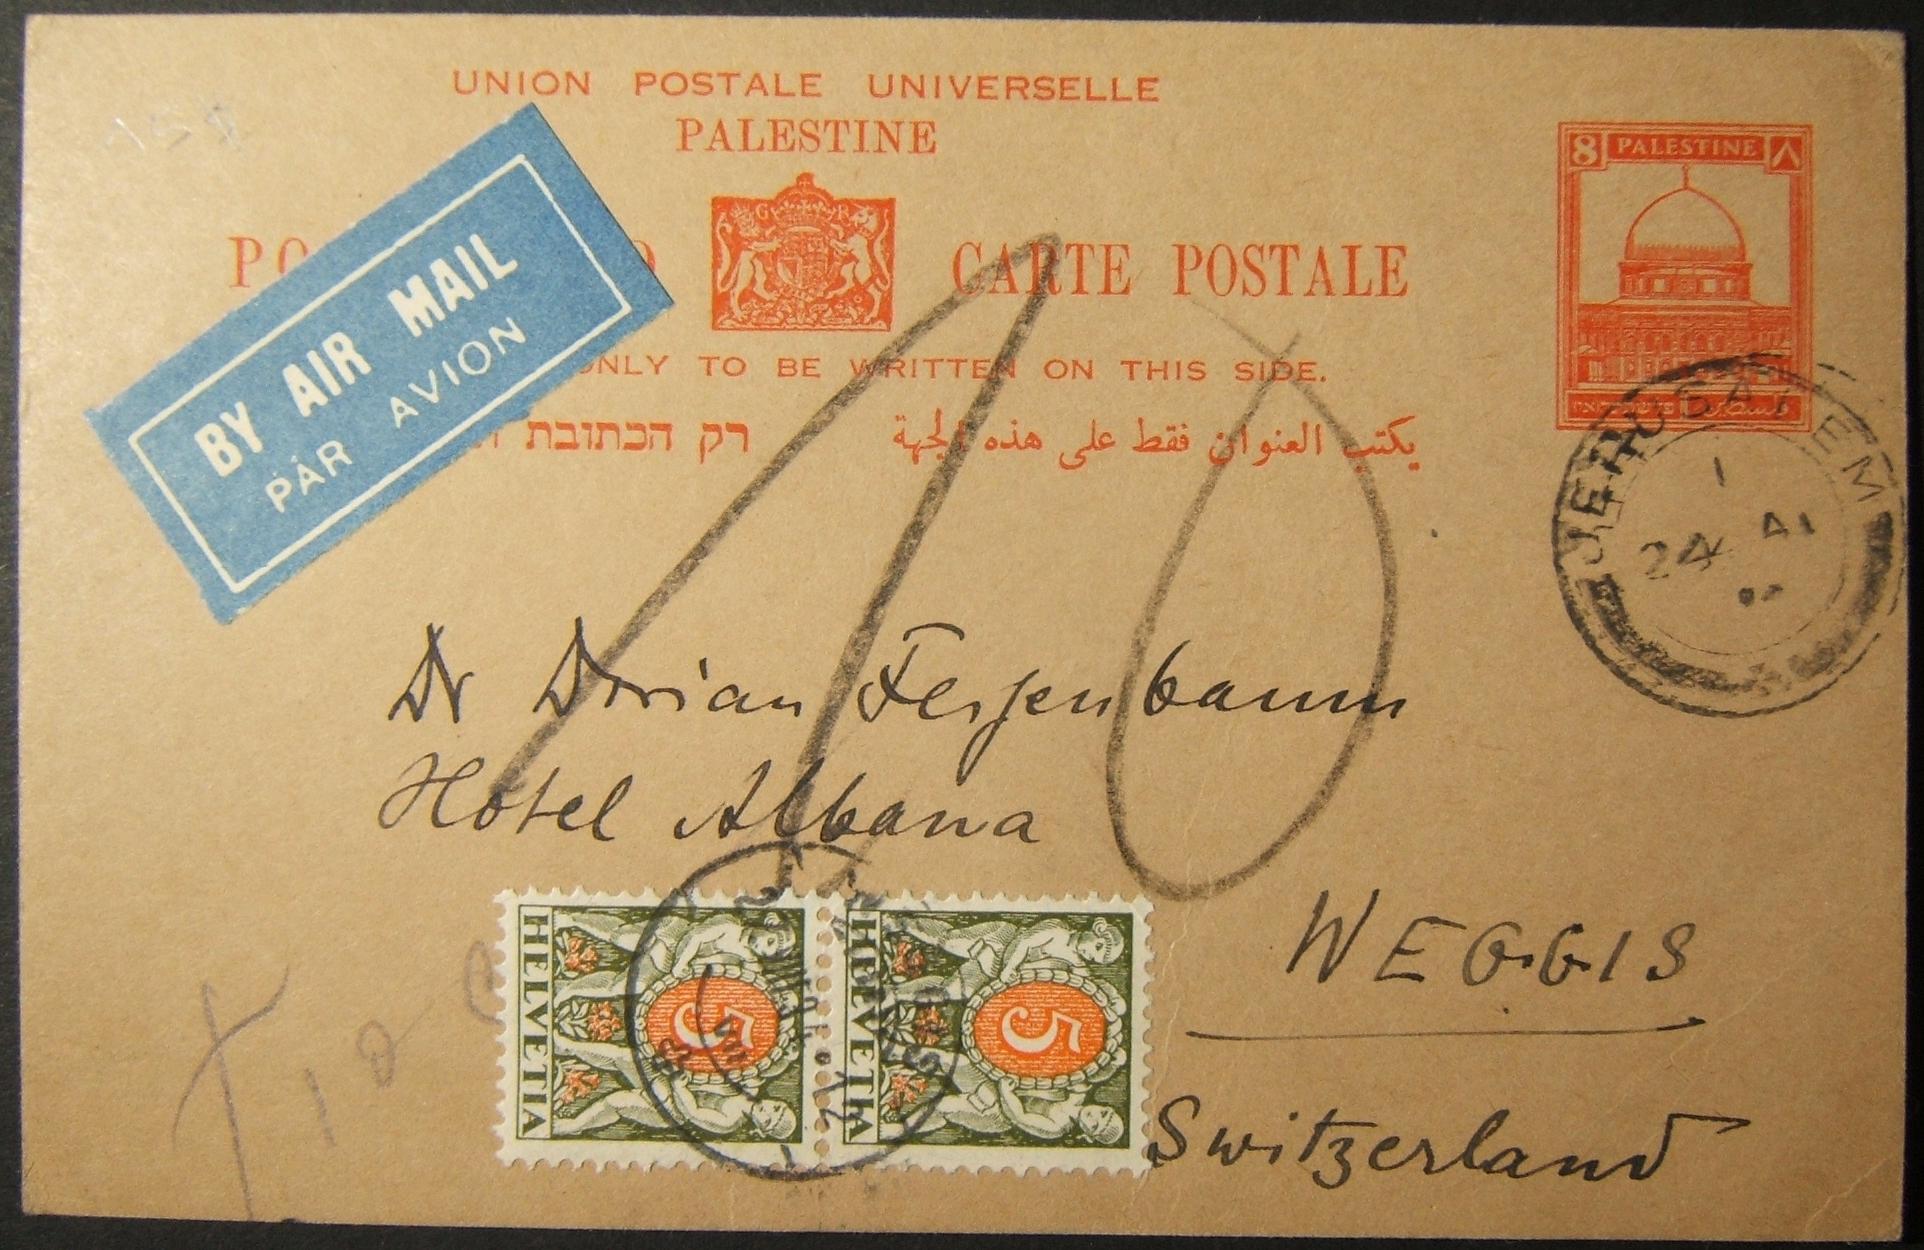 8/1934 גלויה של איירפראנקד איירלייף מירושלים והוטל עליה מס בשוויץ